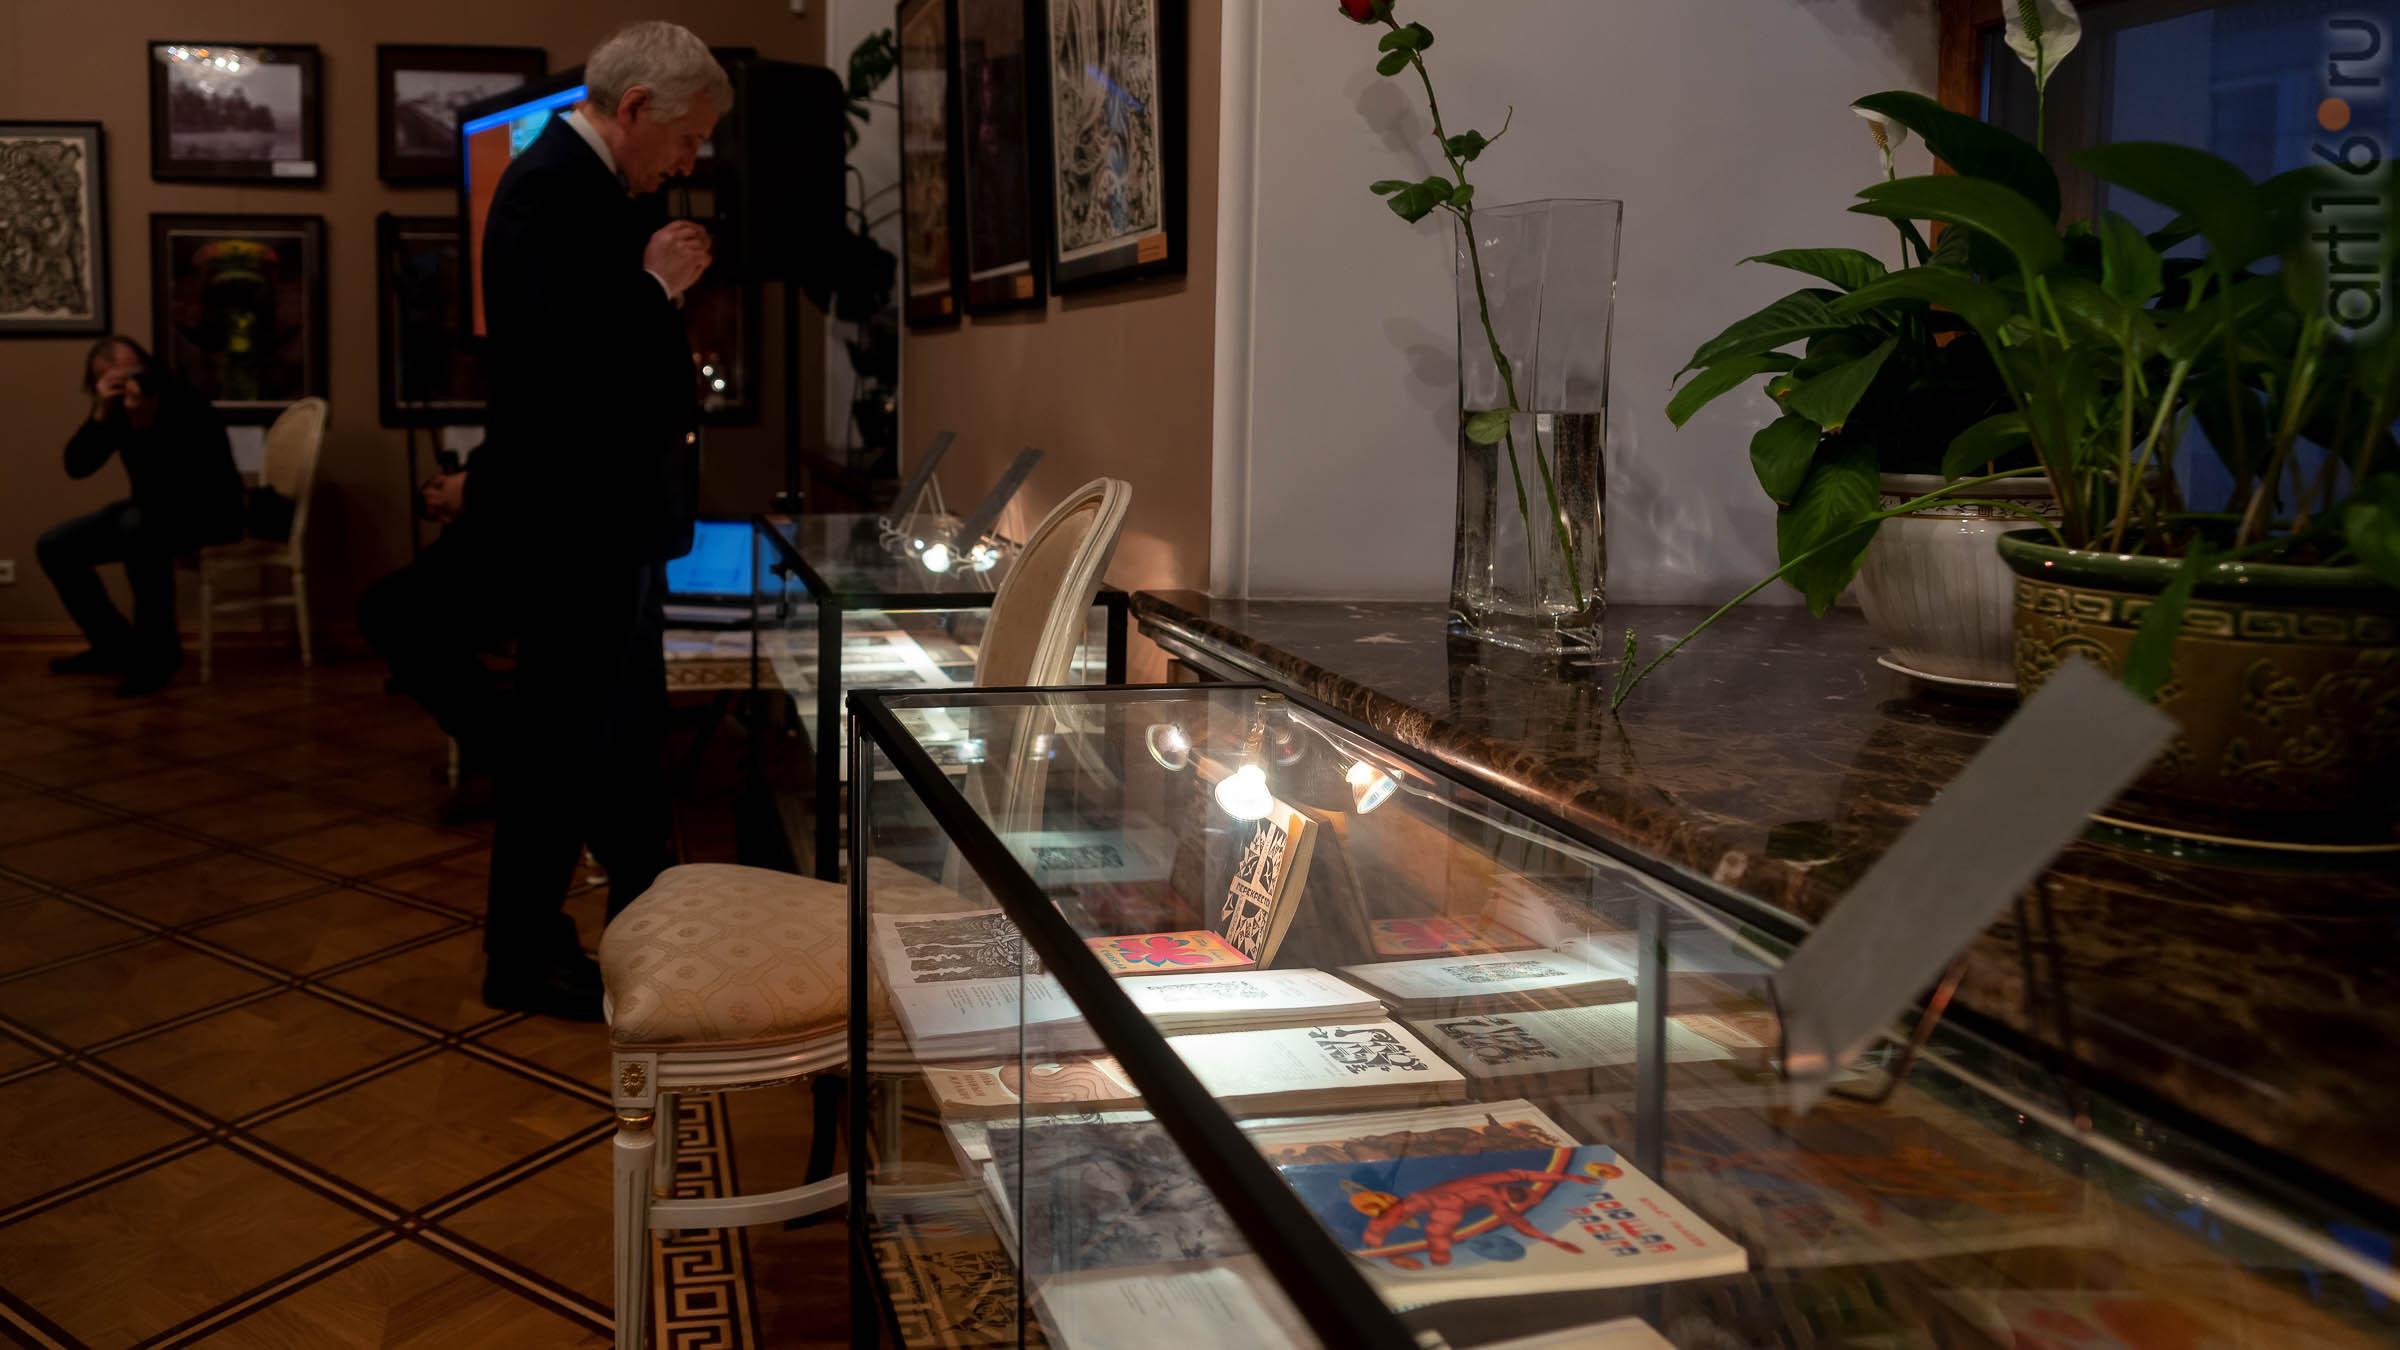 Фрагмент экспозиции выставки Н.Альмеева::03.04.2019 Надир Альмеев «Шум времени»